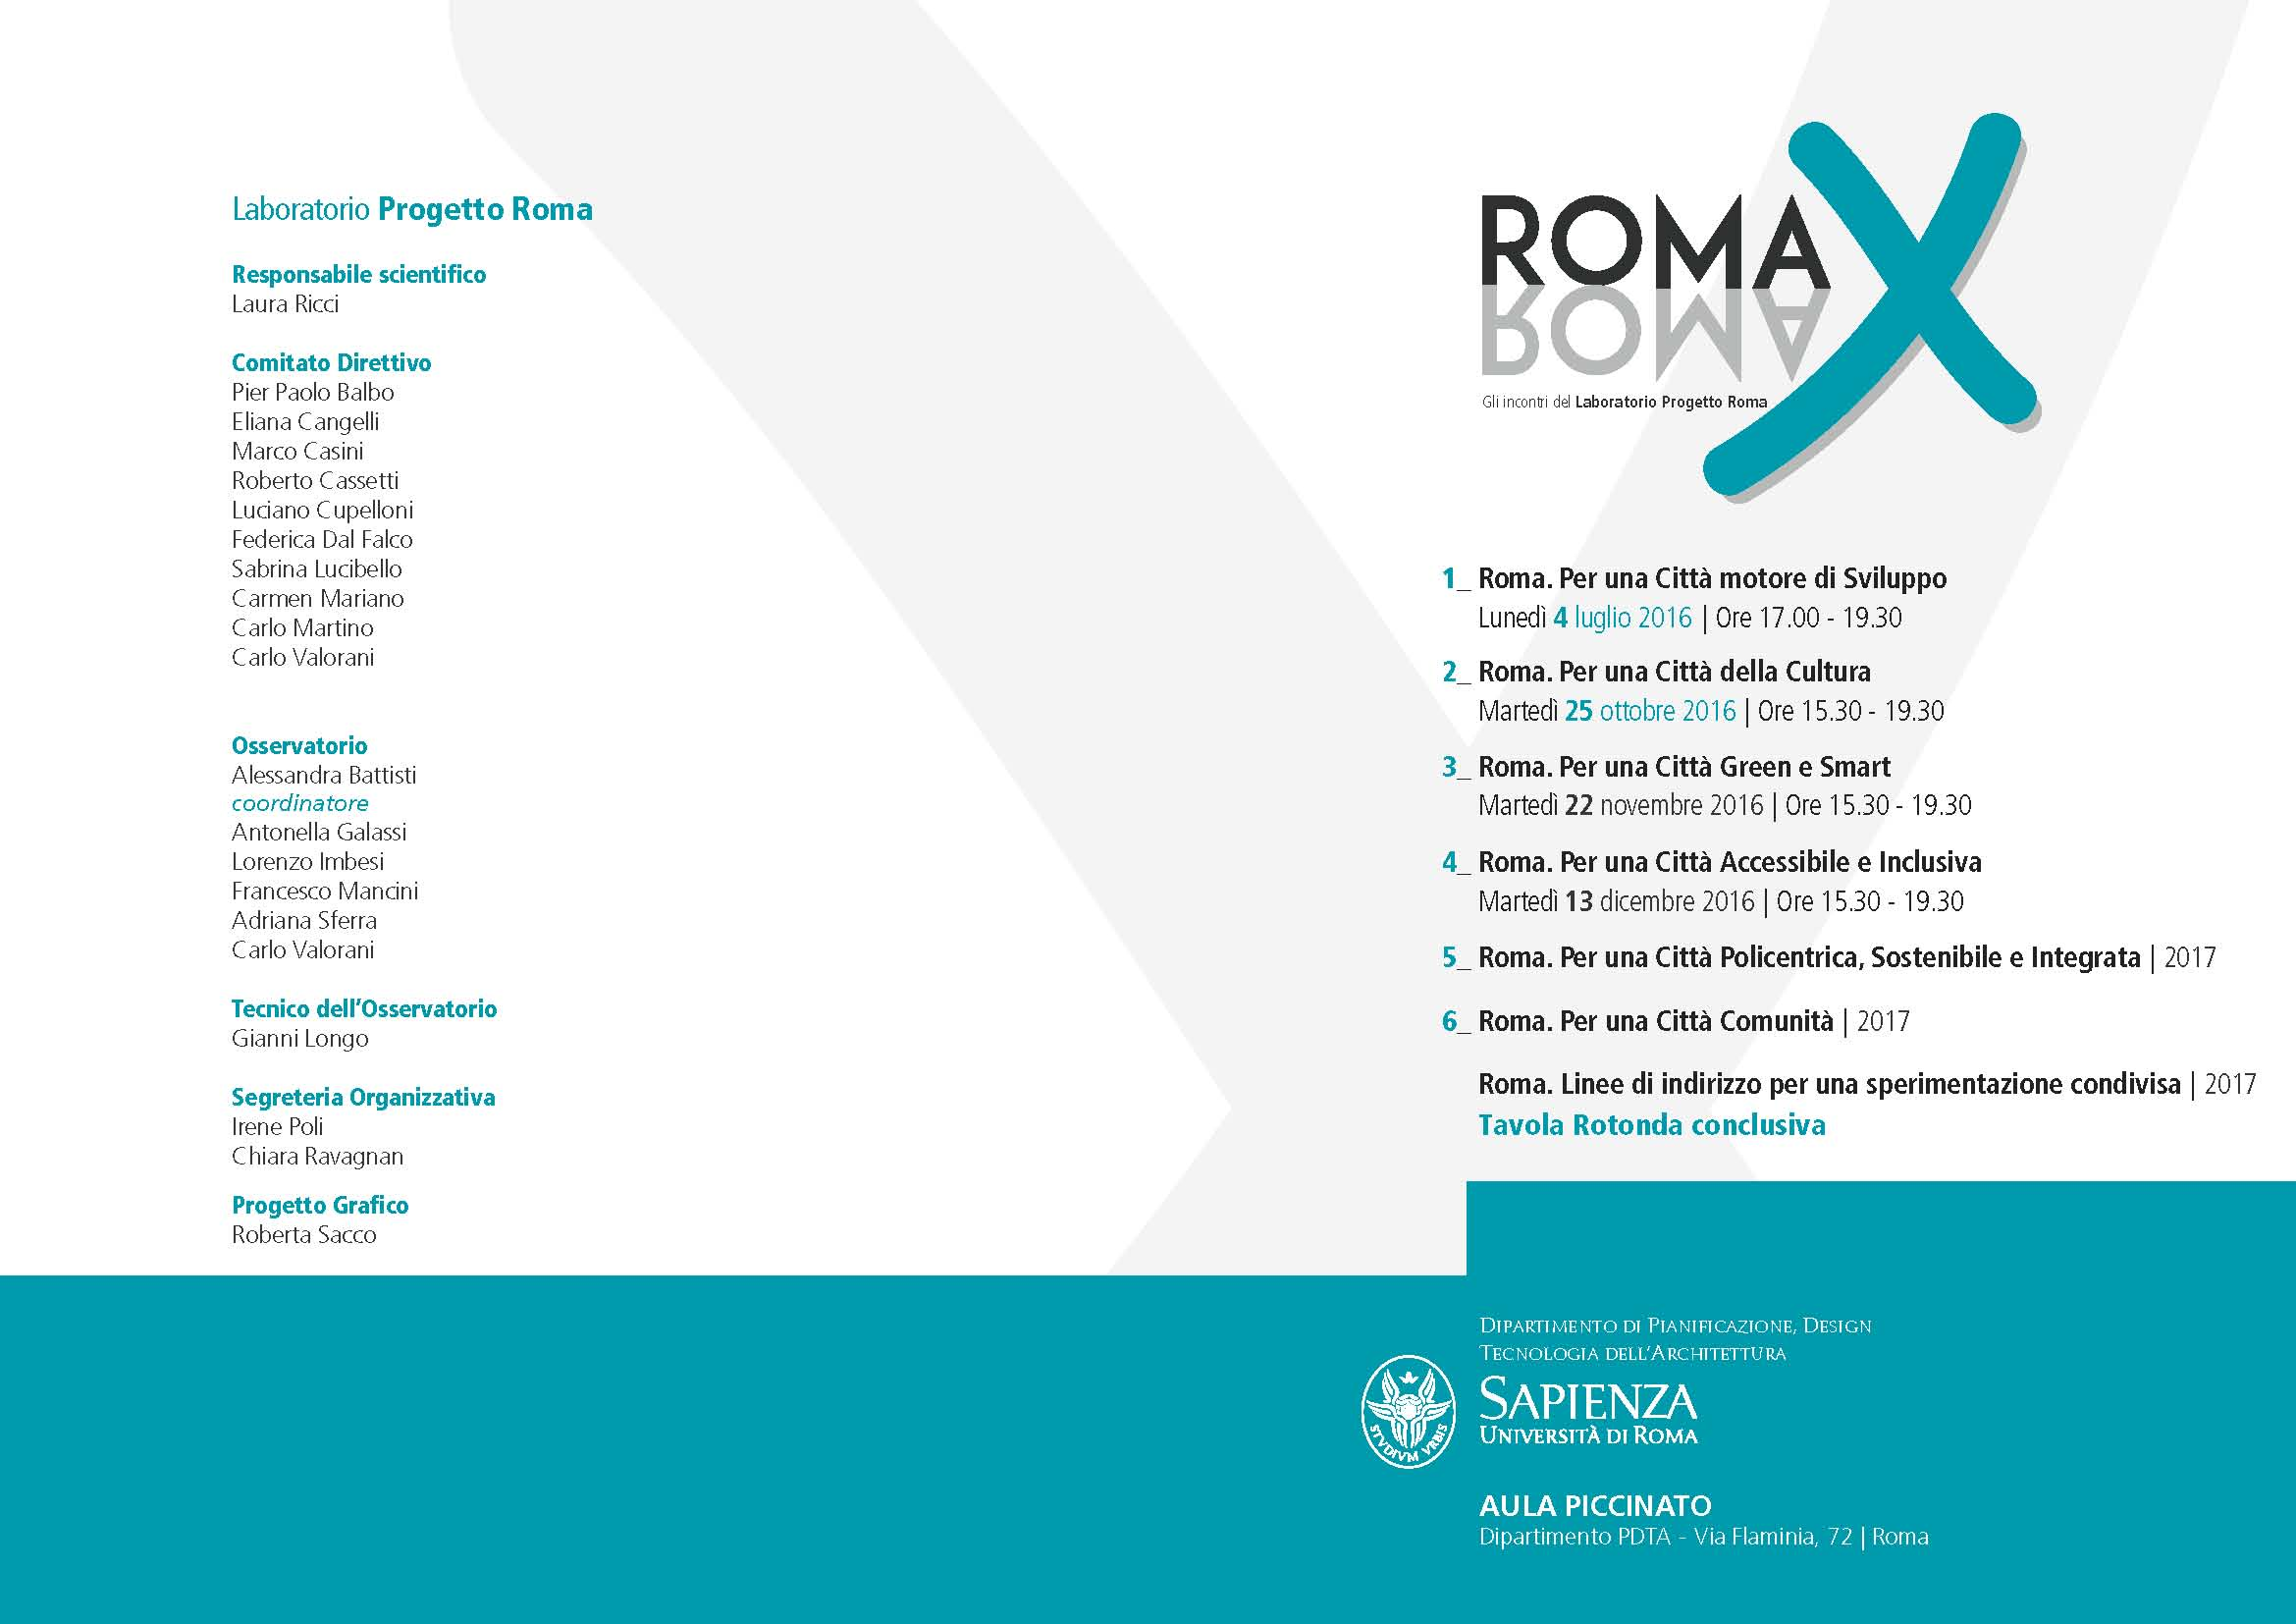 Flyer_Roma. Per una Città della Cultura_A